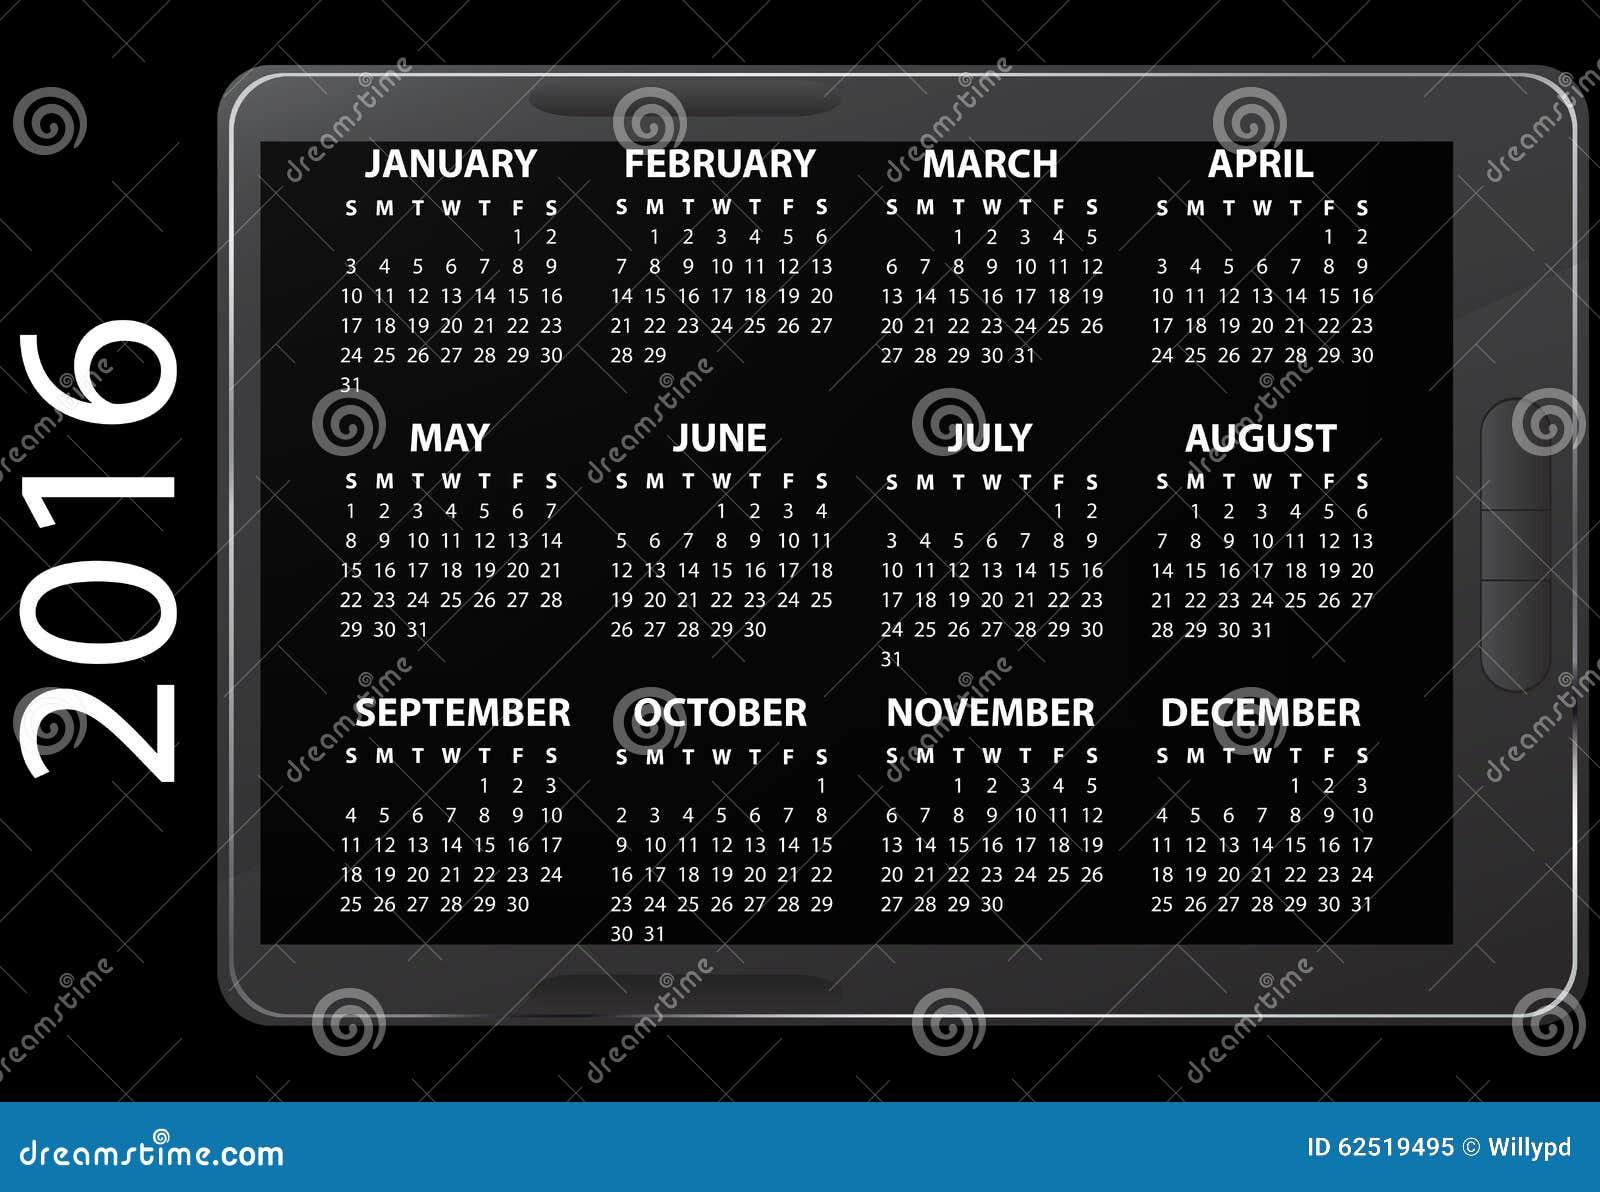 Calendario Elettronico.Calendario Elettronico 2016 Illustrazione Di Stock